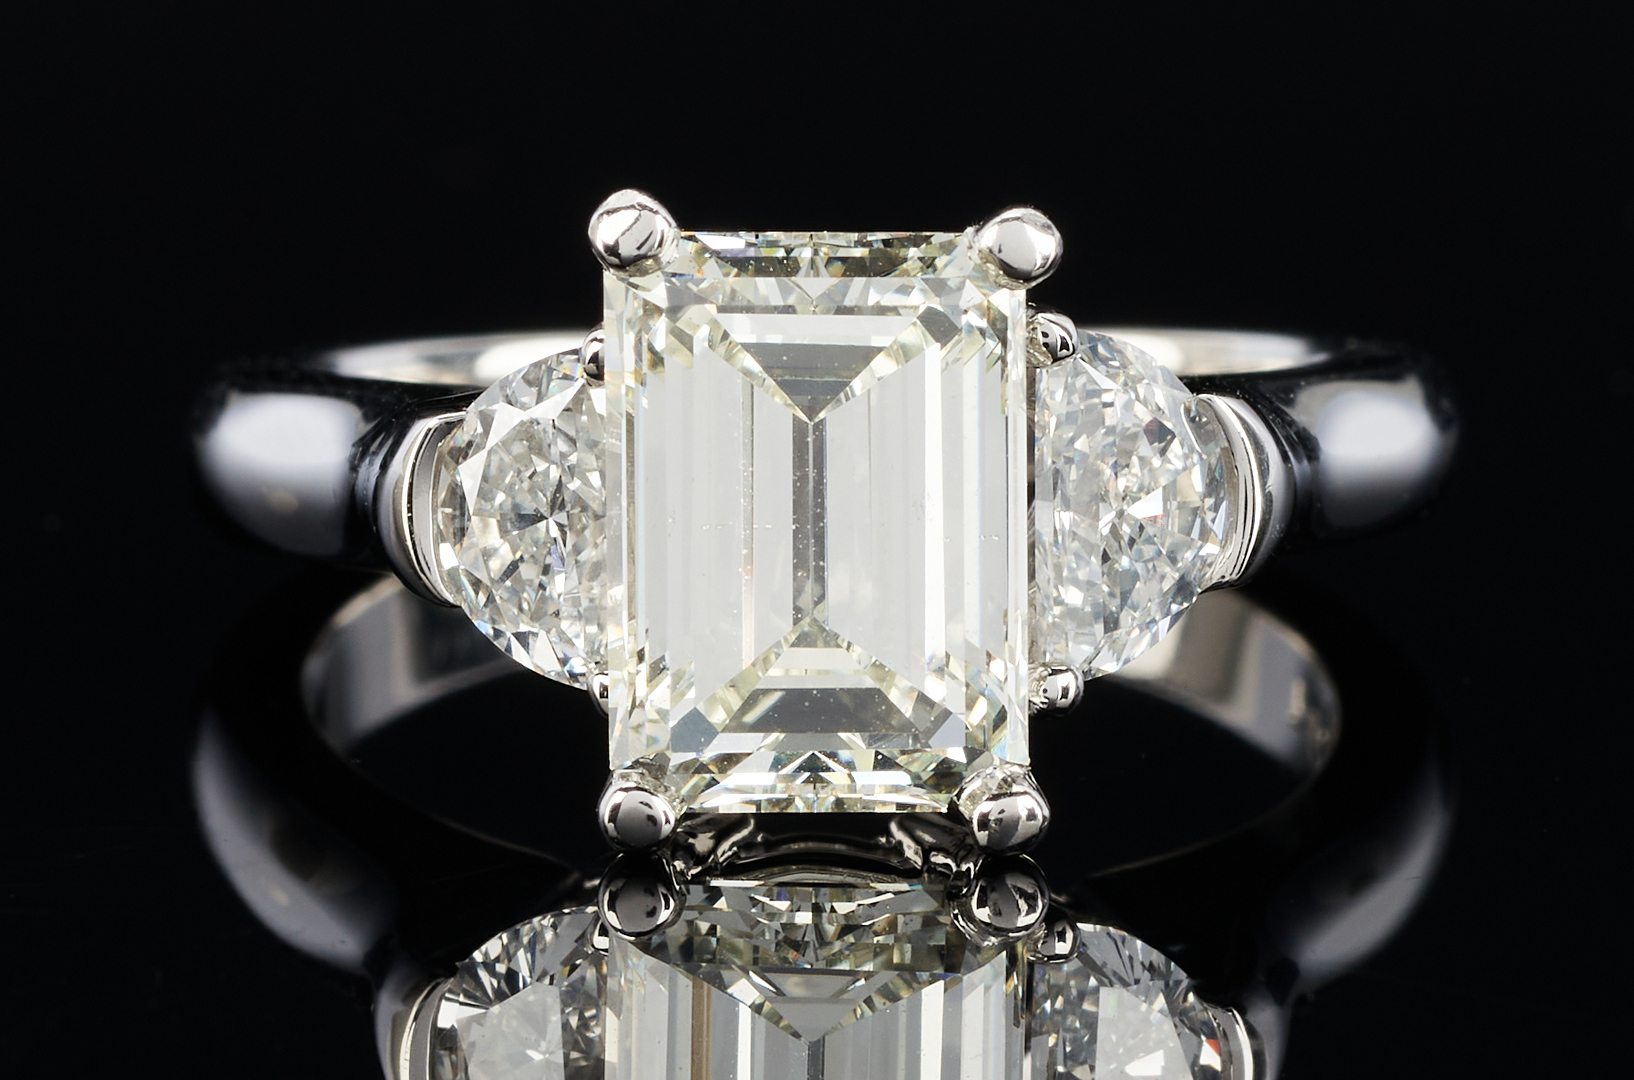 Lot 39: Ladies 3.19 Carat Platinum Diamond Engagement Ring